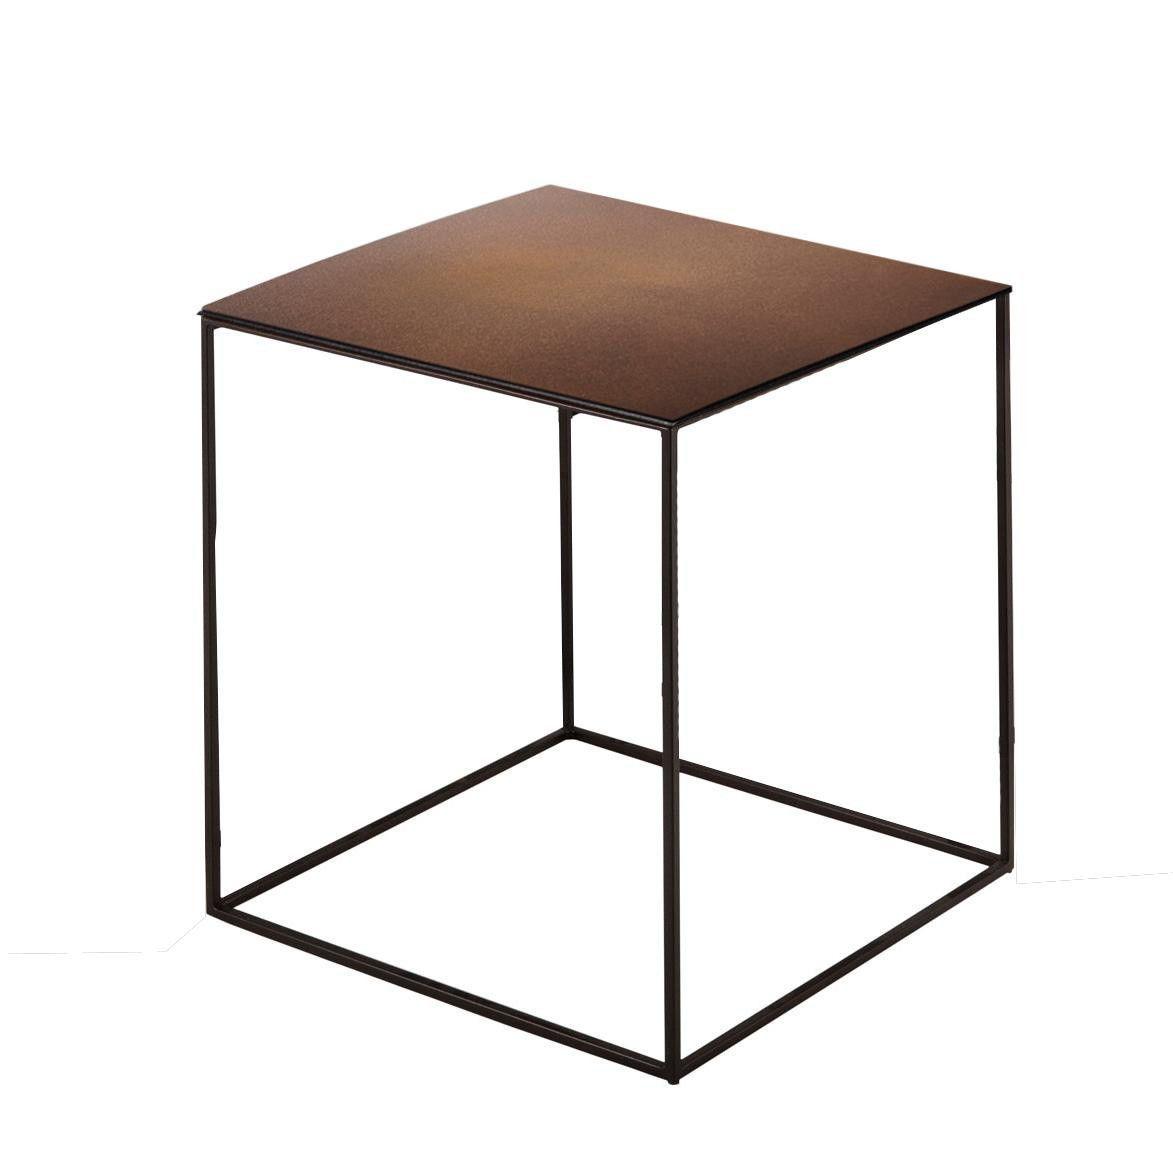 slim irony side table 41x41cm | zeus | ambientedirect